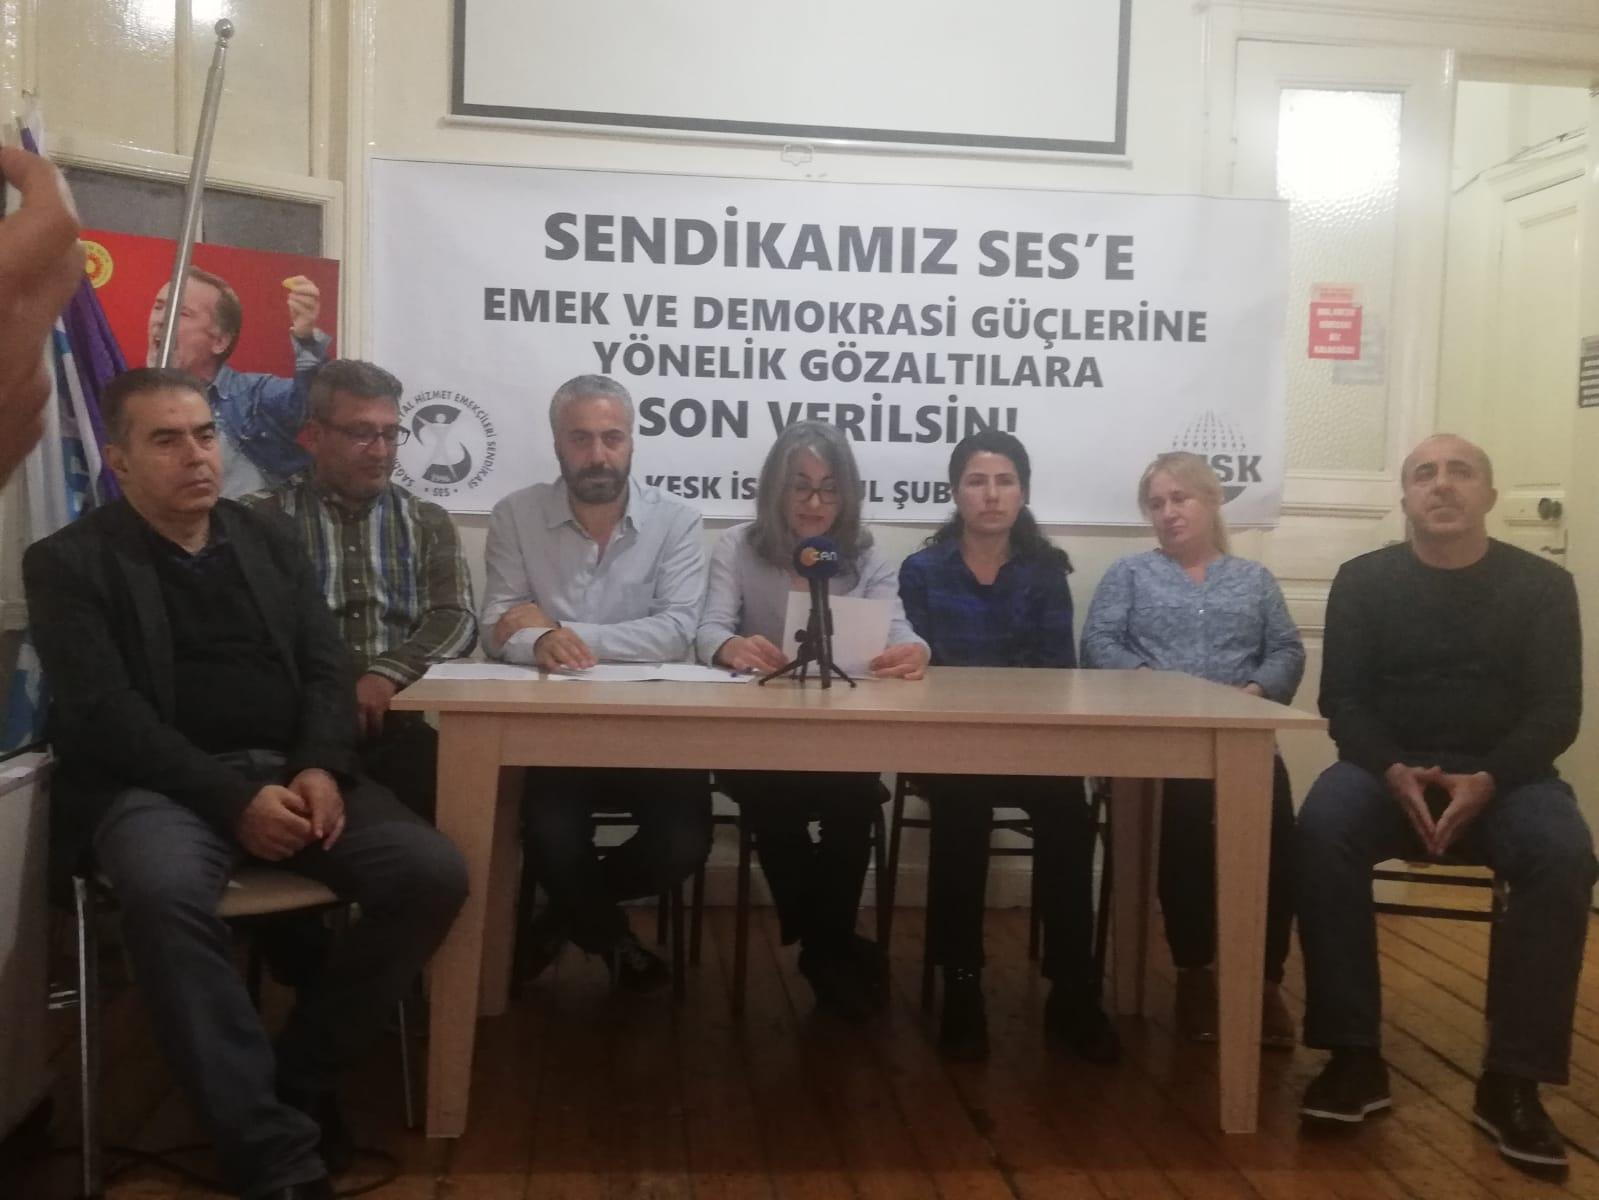 KESK İstanbul Şubeler Platformu: Sendikamız SES'e, Emek ve Demokrasi Güçlerine Yönelik Gözaltılara Son Verilsin